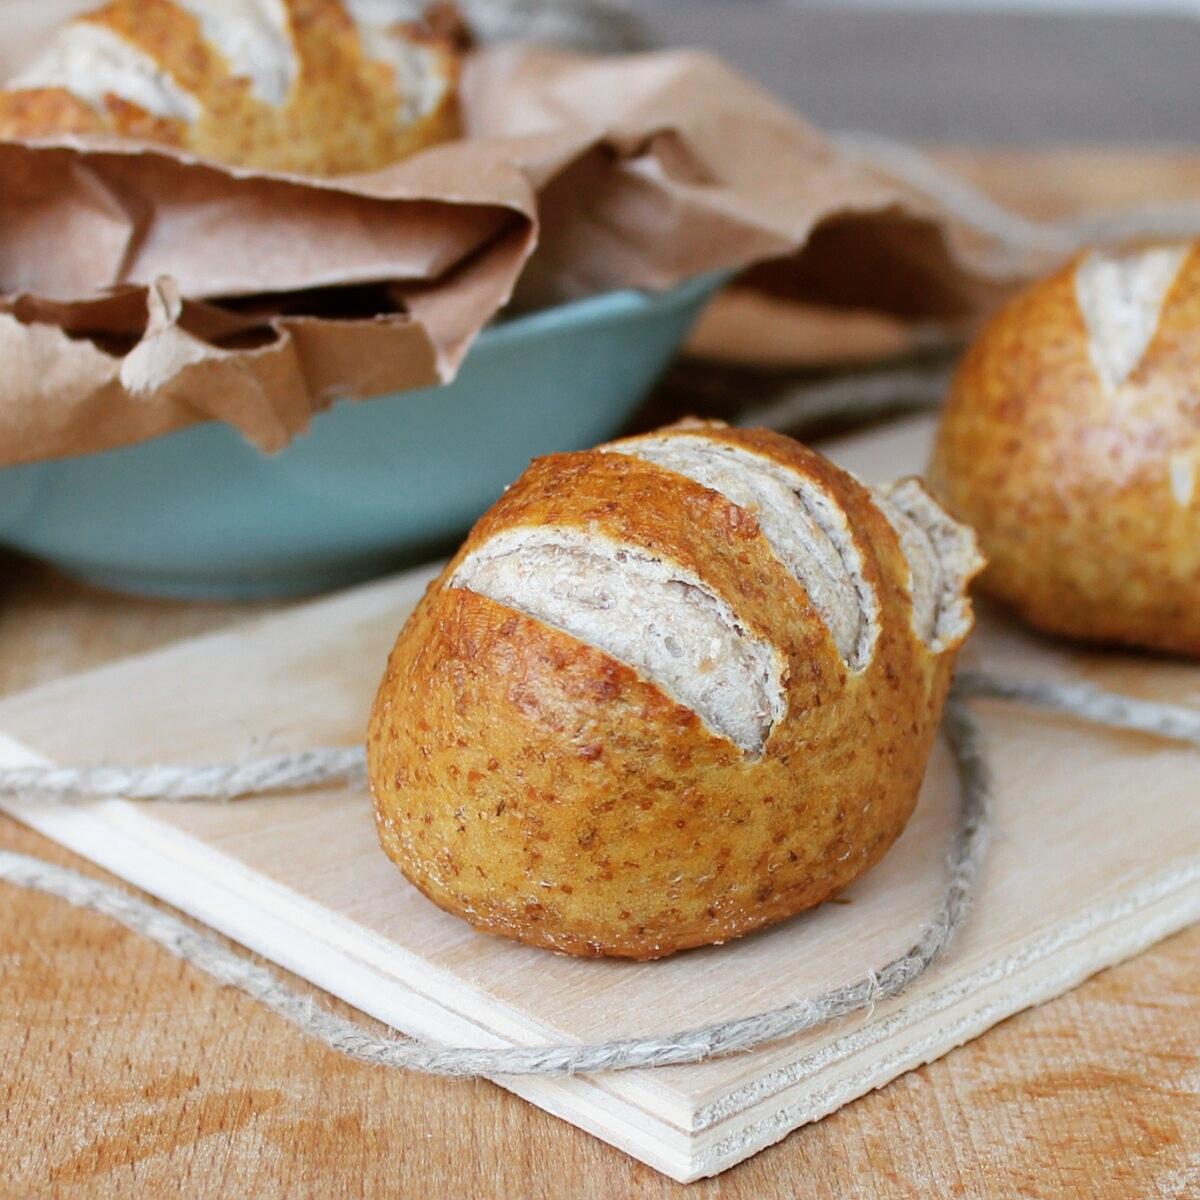 PANINI DI HEIDI ricetta panini sofficissimi con crosticina scura croccante